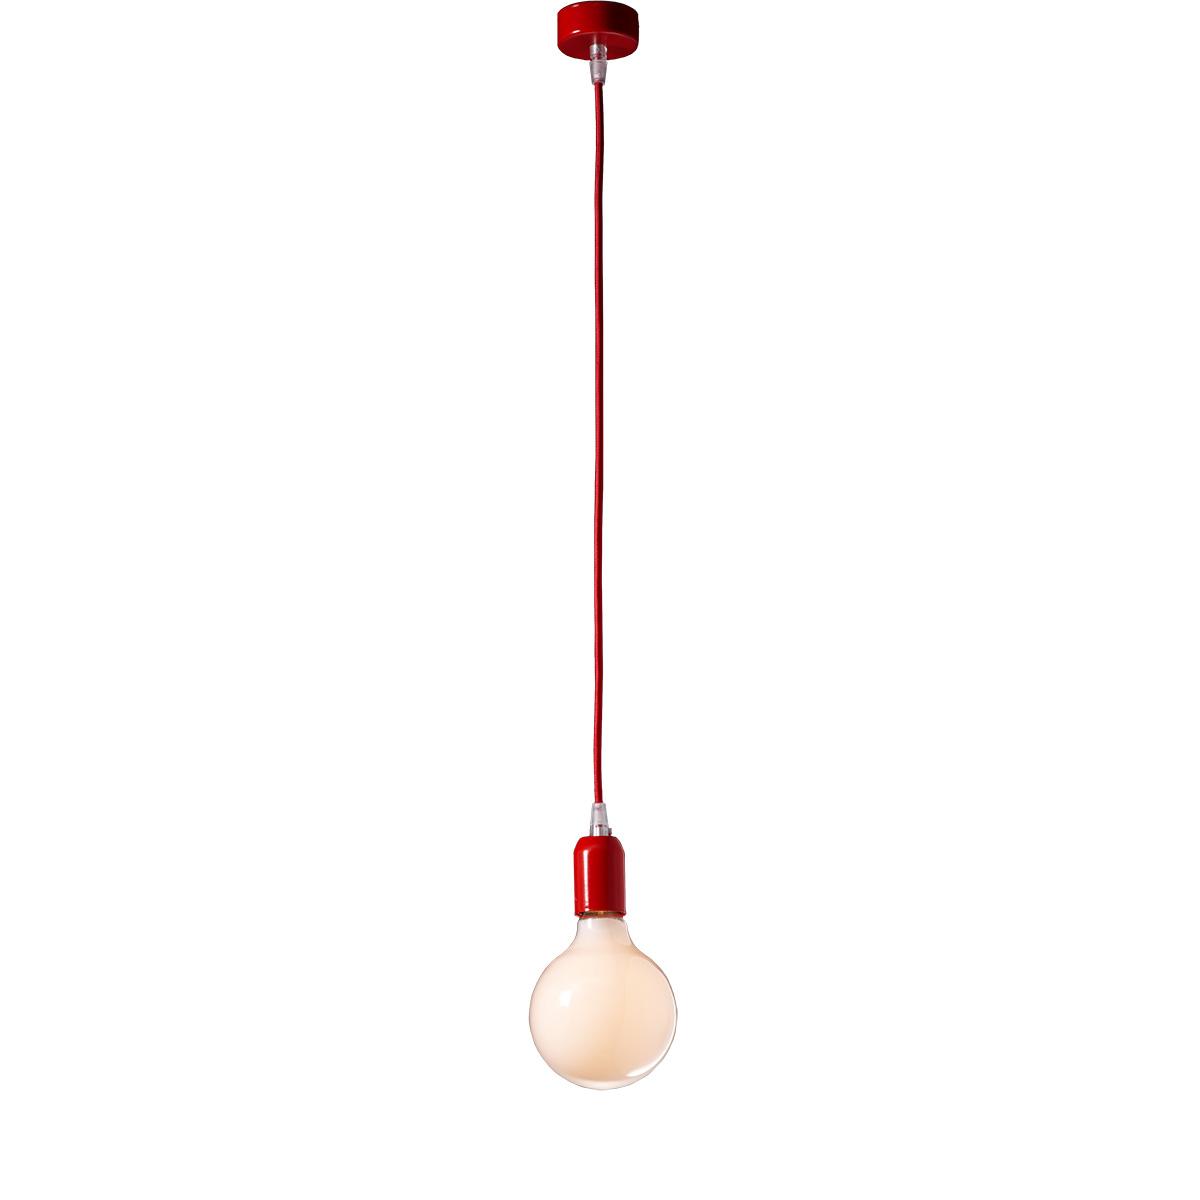 Μοντέρνο κόκκινο μονόφωτο ΚΑΛΩΔΙΑ modern red suspension lamp